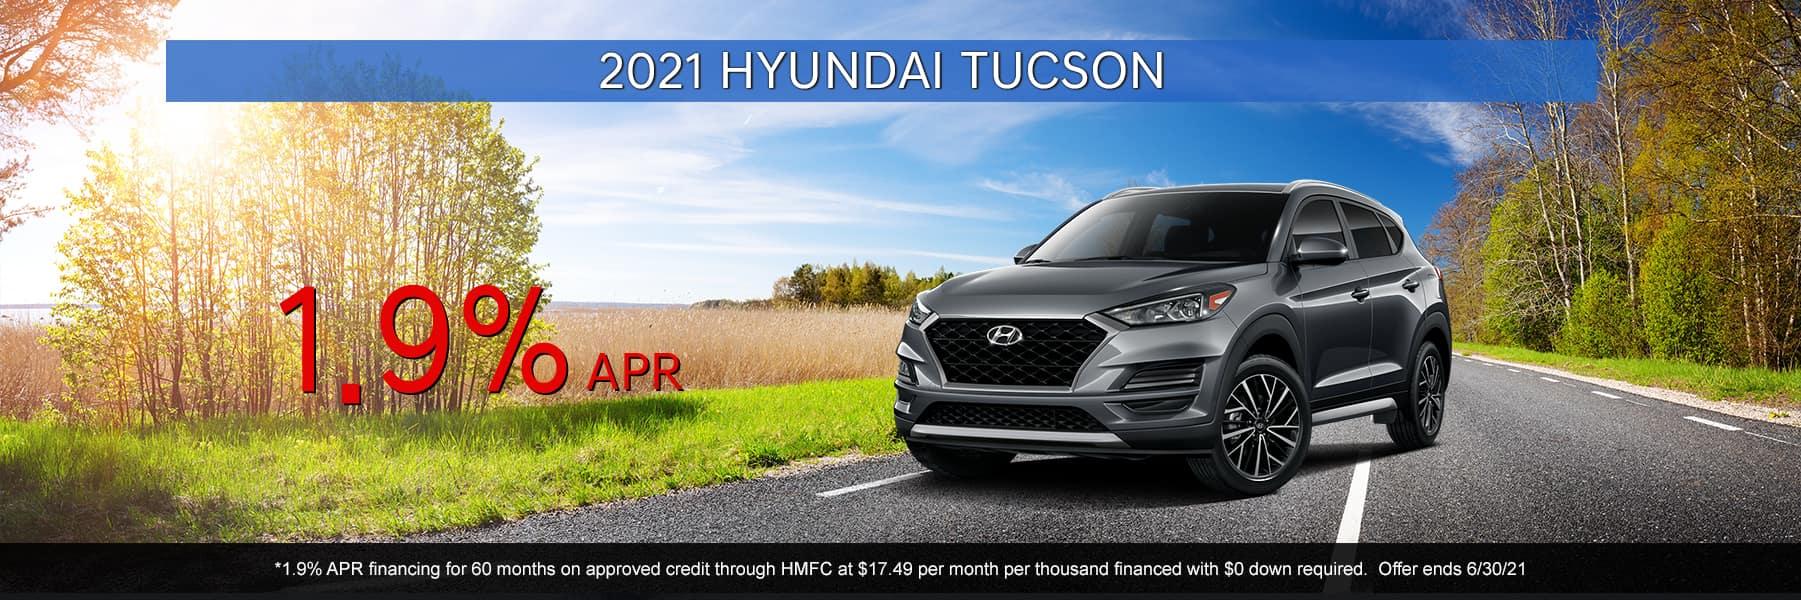 2021-Hyundai-Tucson-Jun21